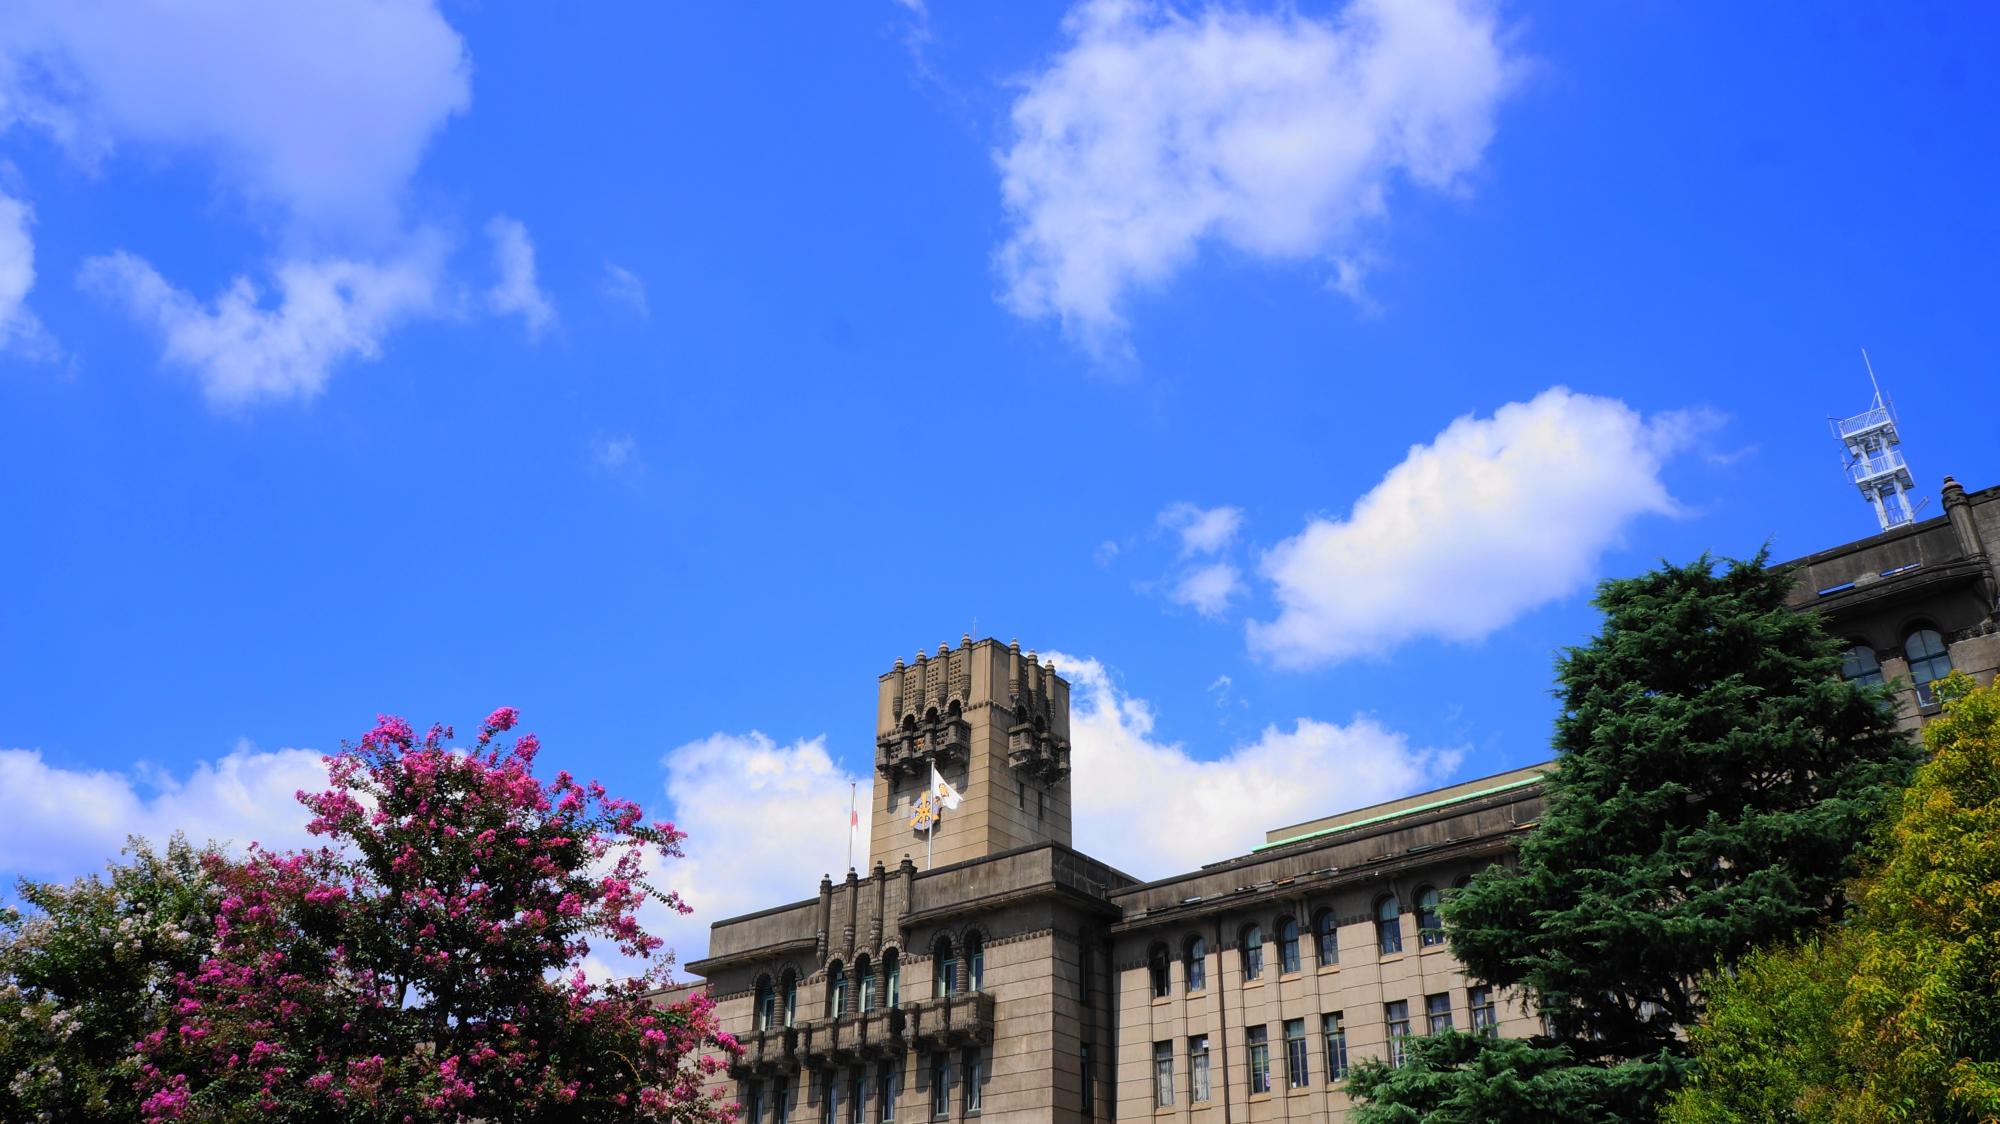 京都市役所の素晴らしい百日紅(サルスベリ)とレトロ建築や夏の情景